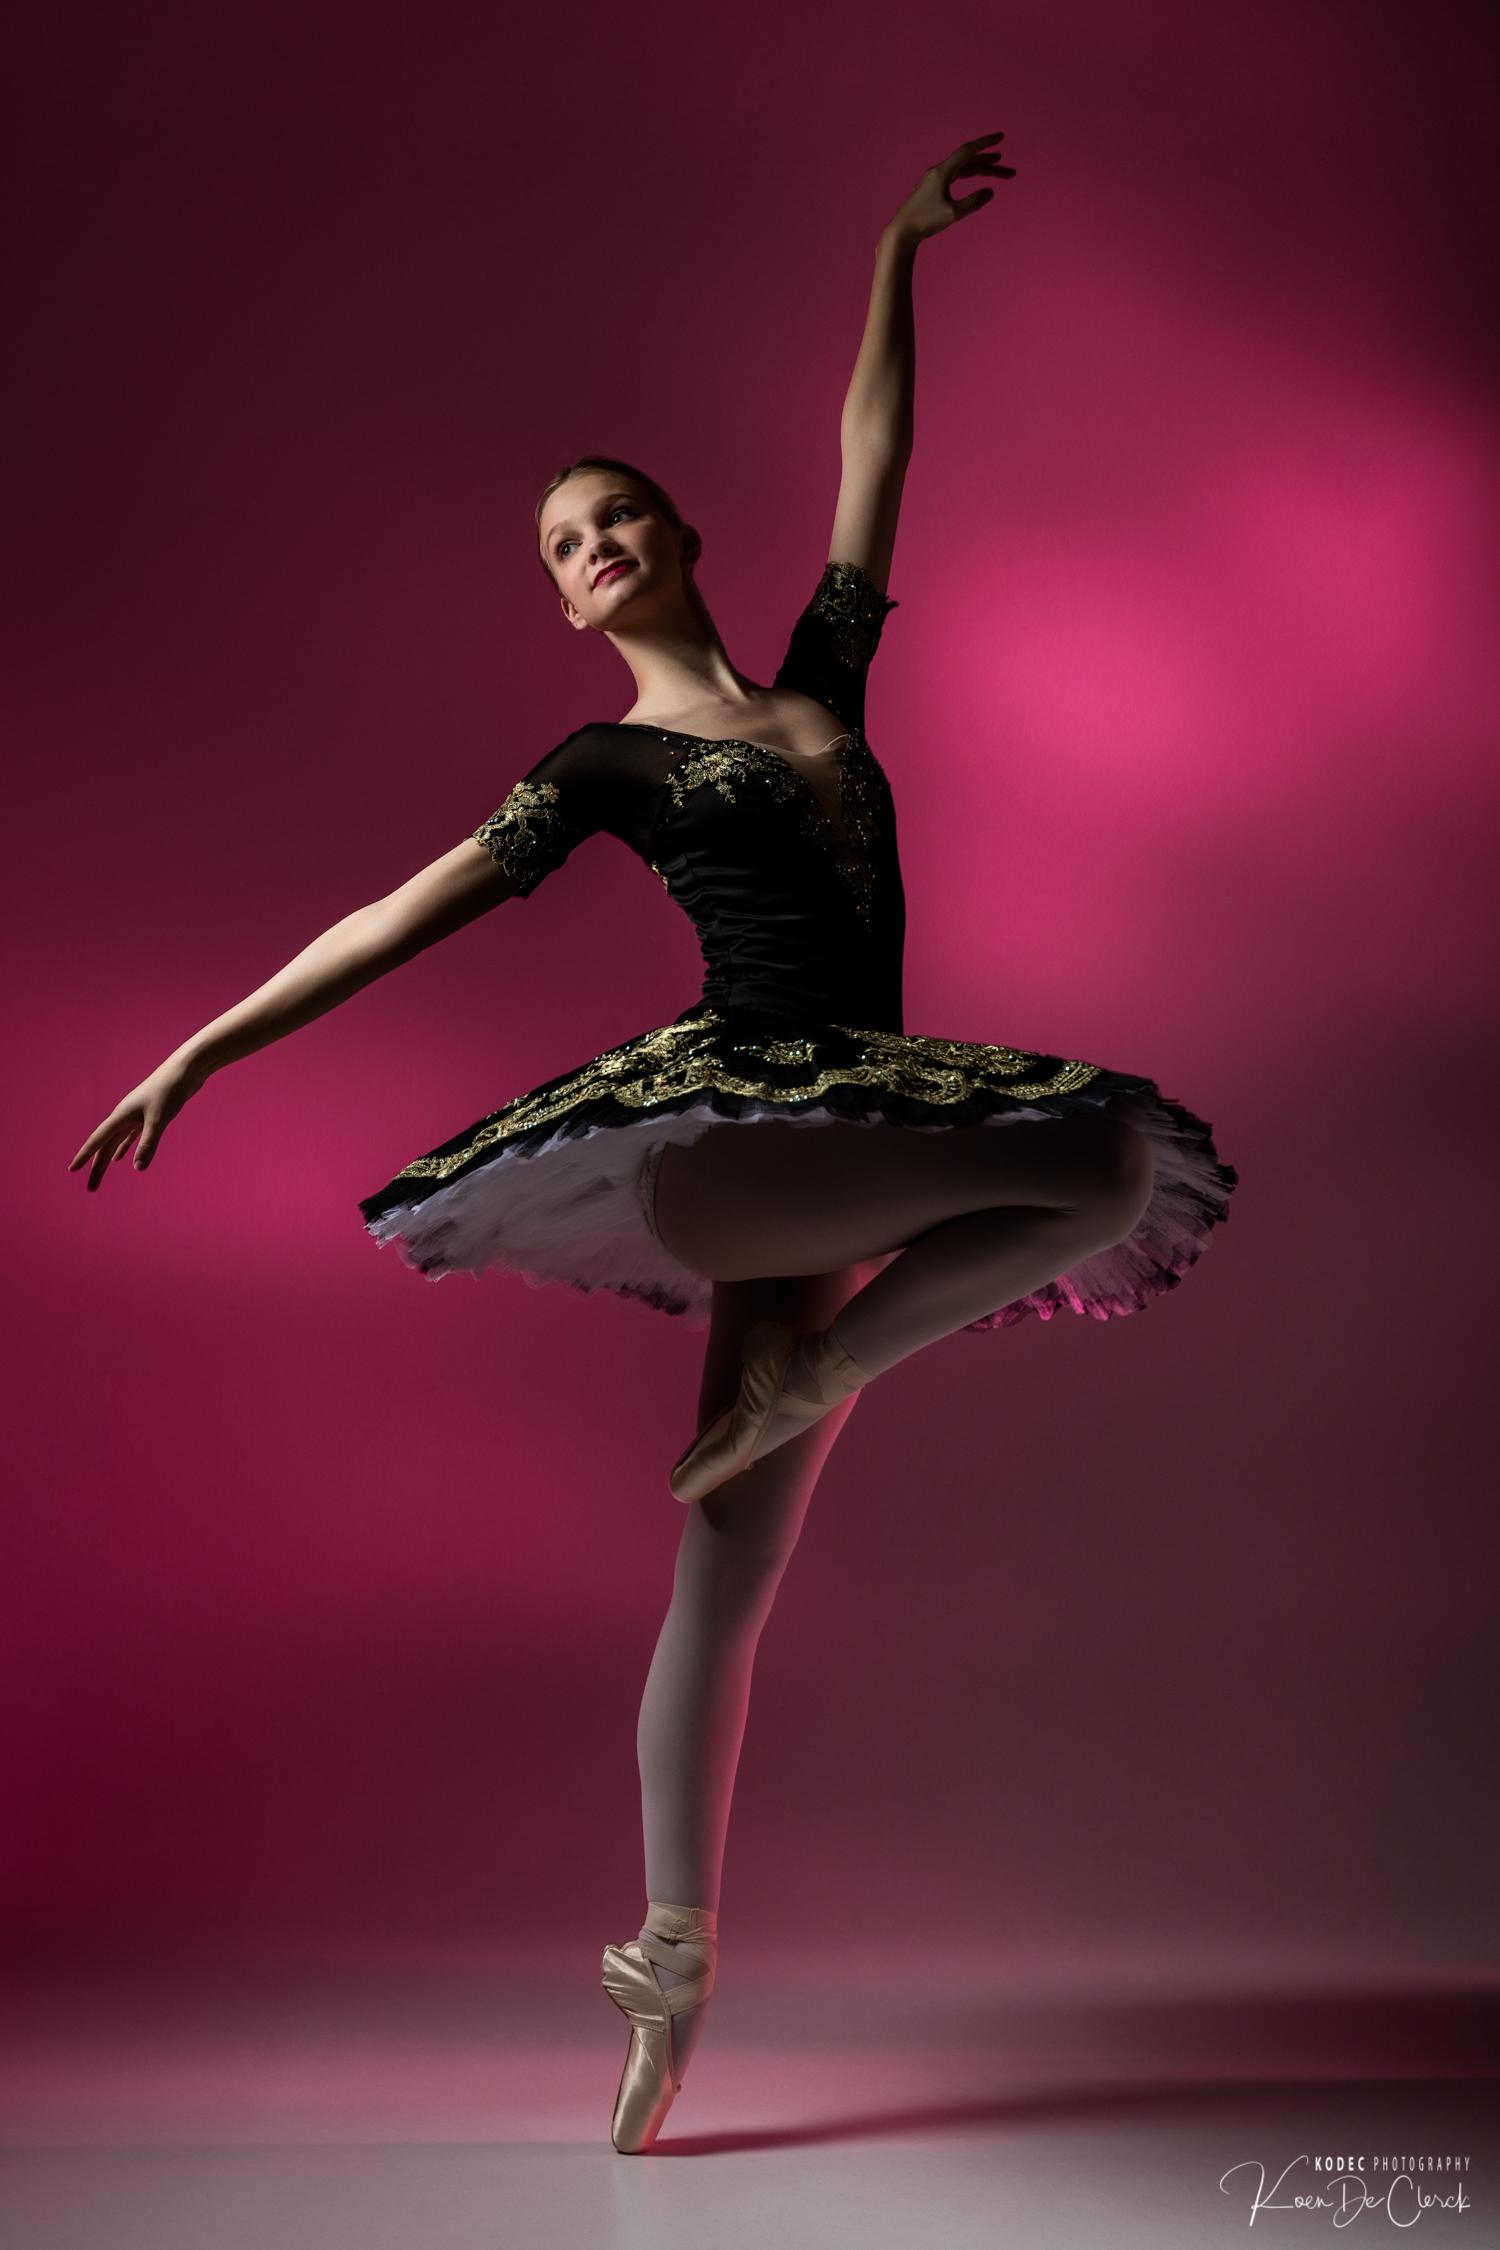 0746 Lisa-Marie Moody Dance Shoot Studio.jpg